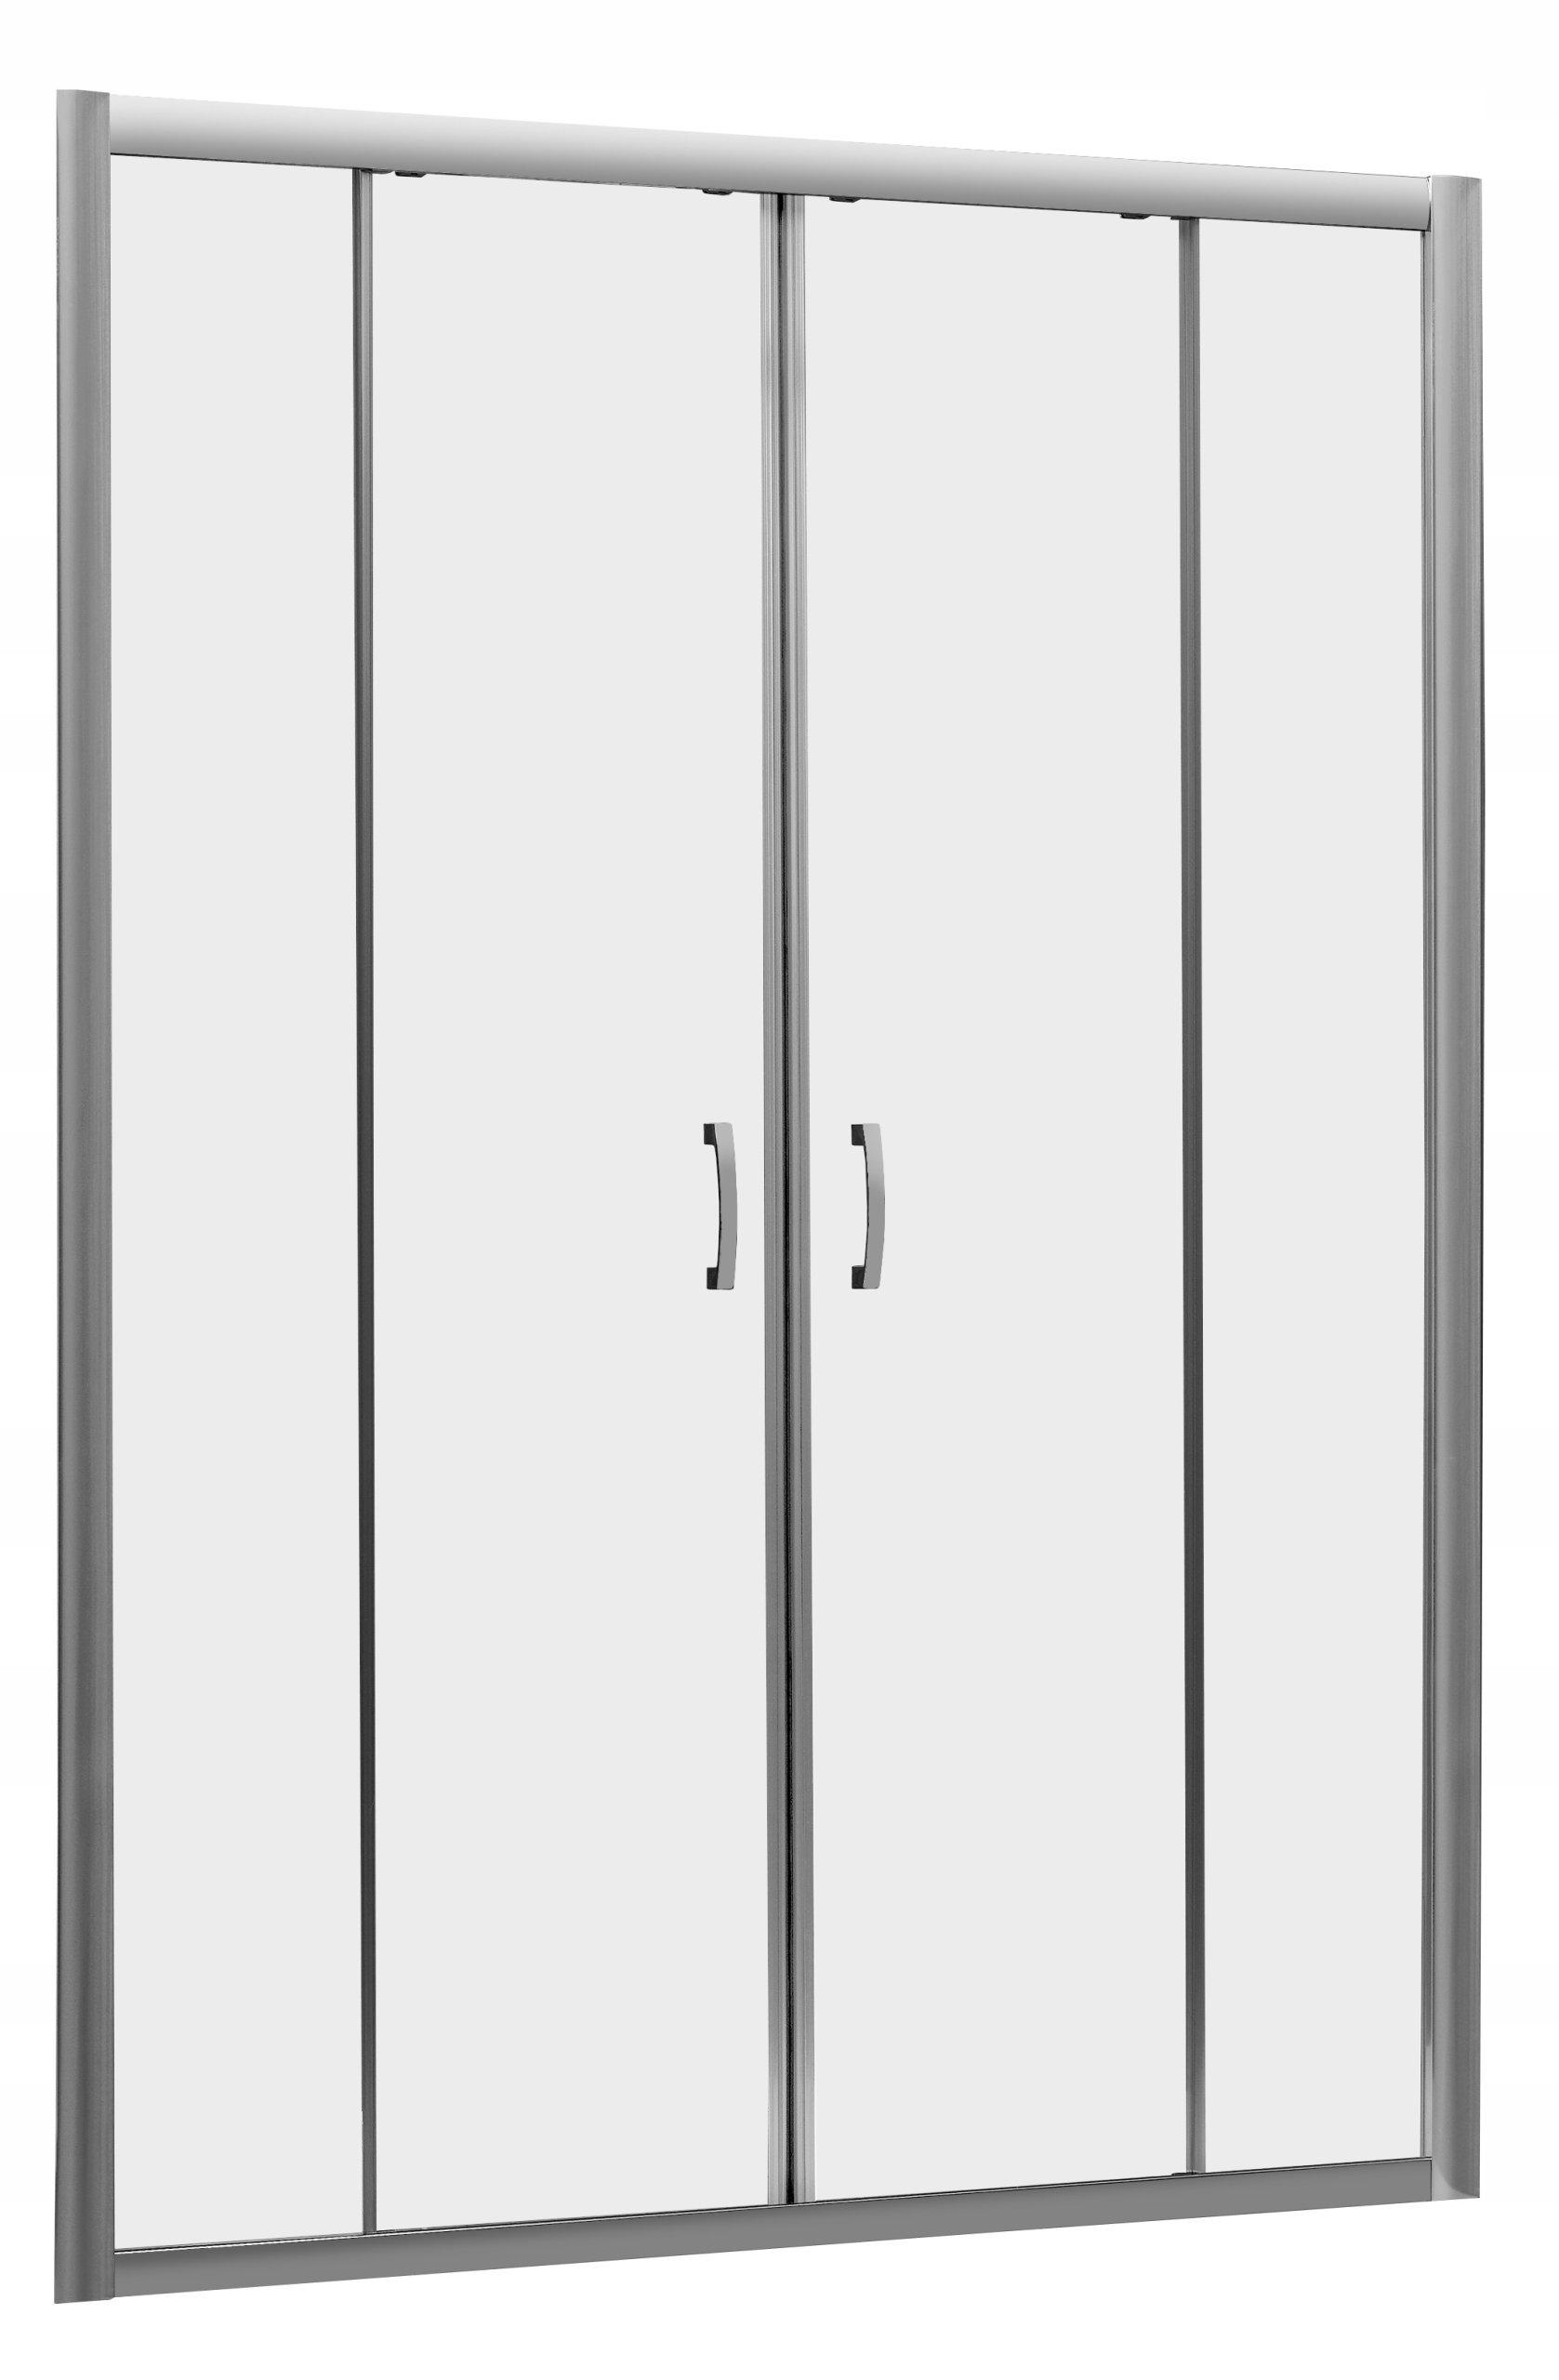 Sprchové dvere Premium Plus DWD 160x190 RADAWAY